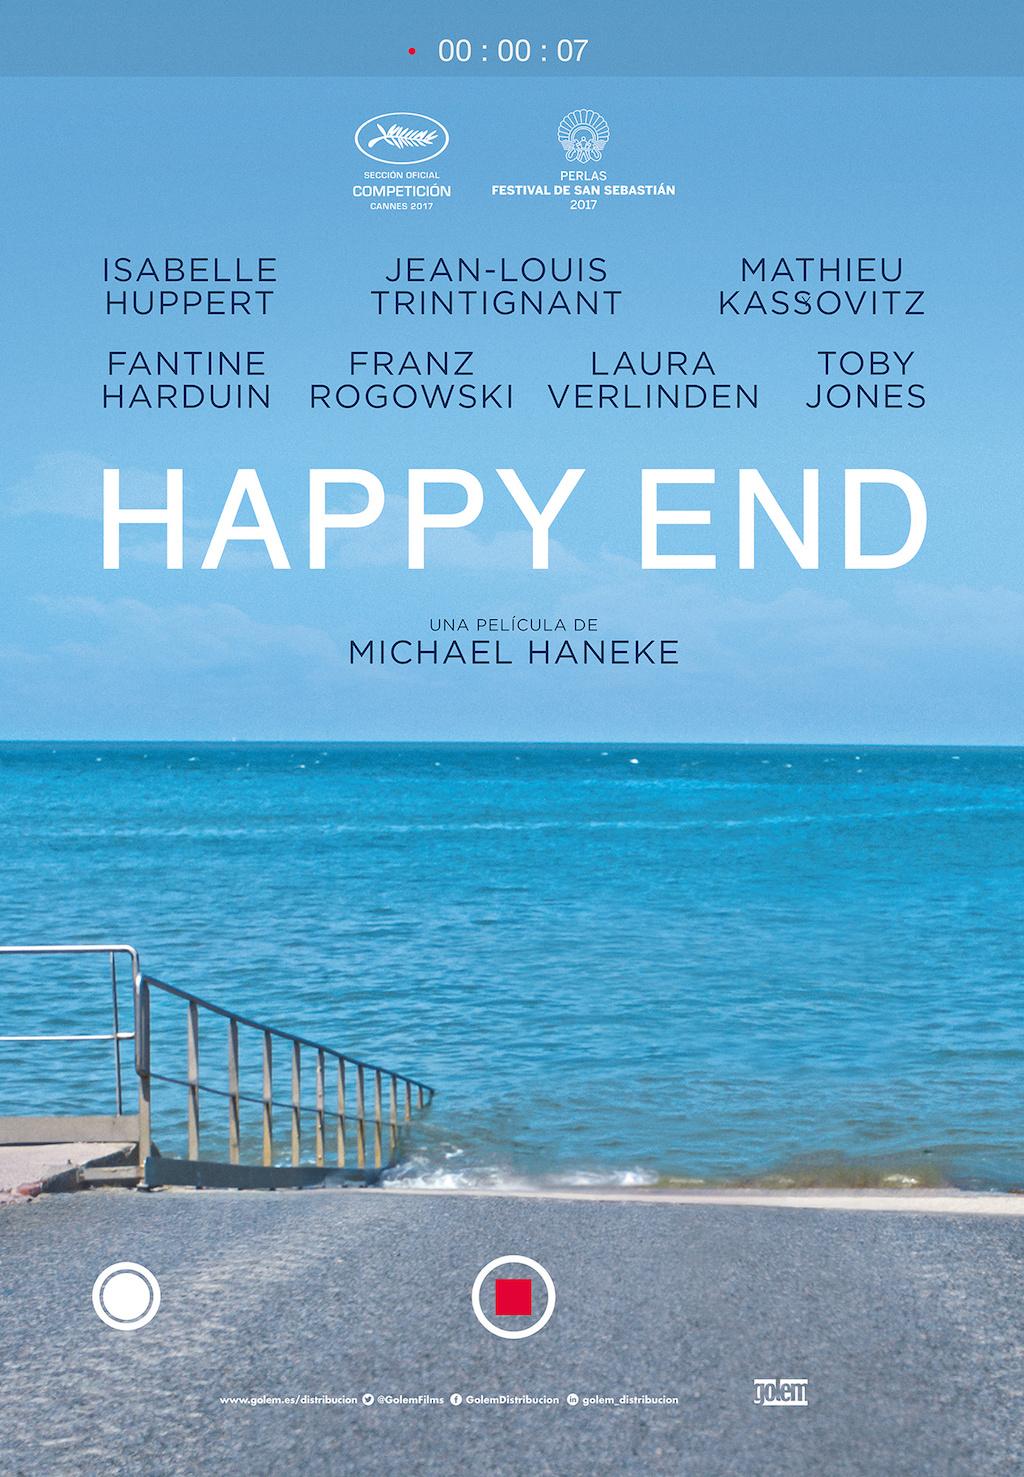 Happy End Michael Haneke cartel